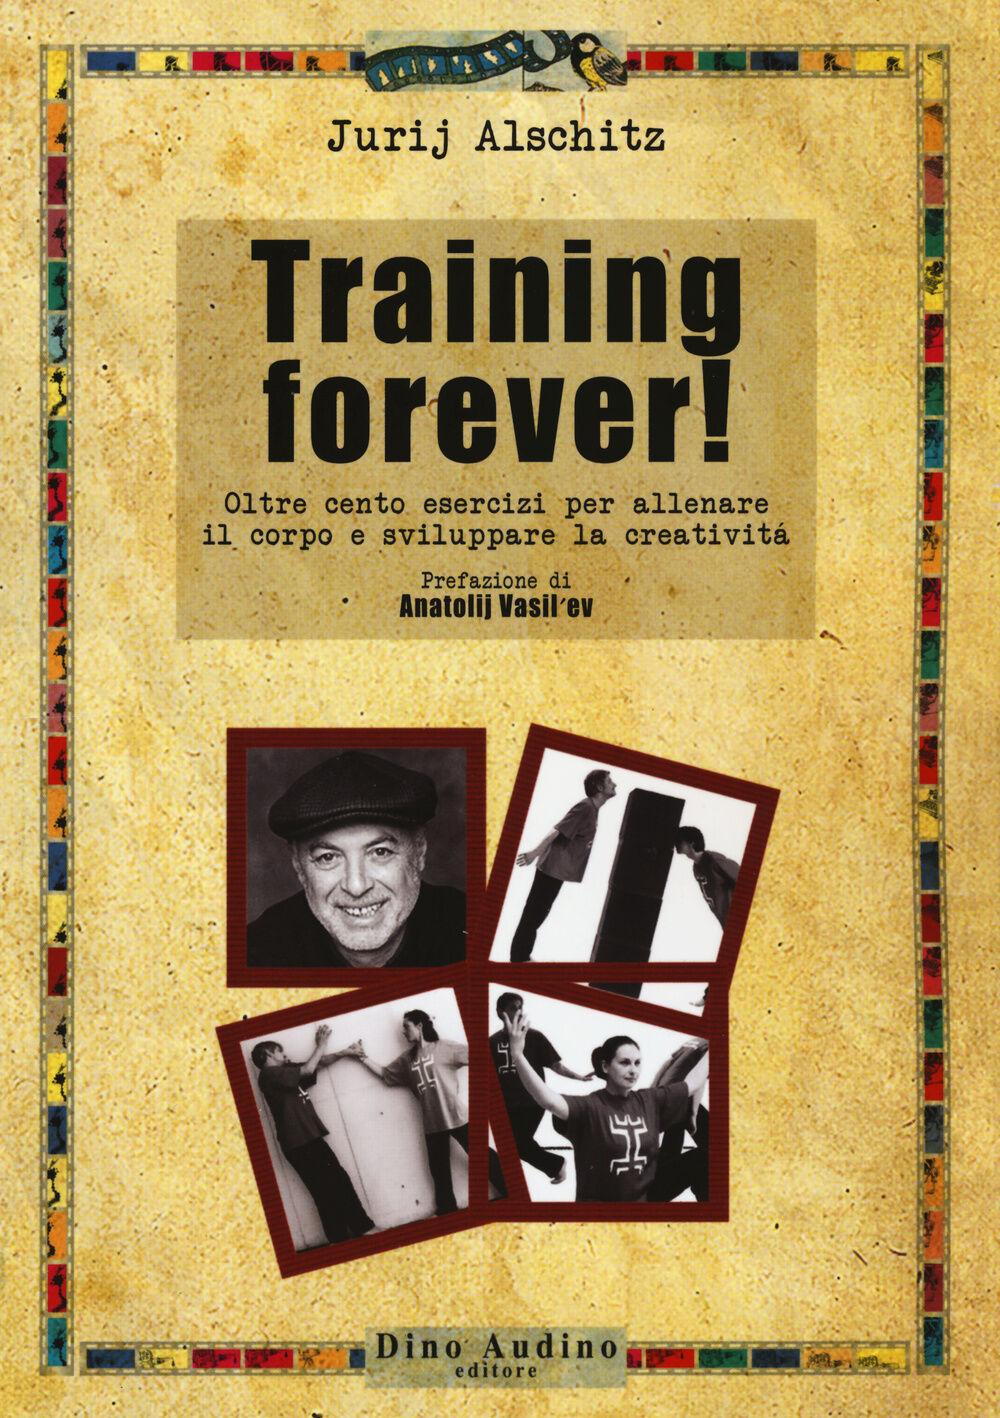 Training forever! Oltre cento esercizi per allenare il corpo e sviluppare la creatività